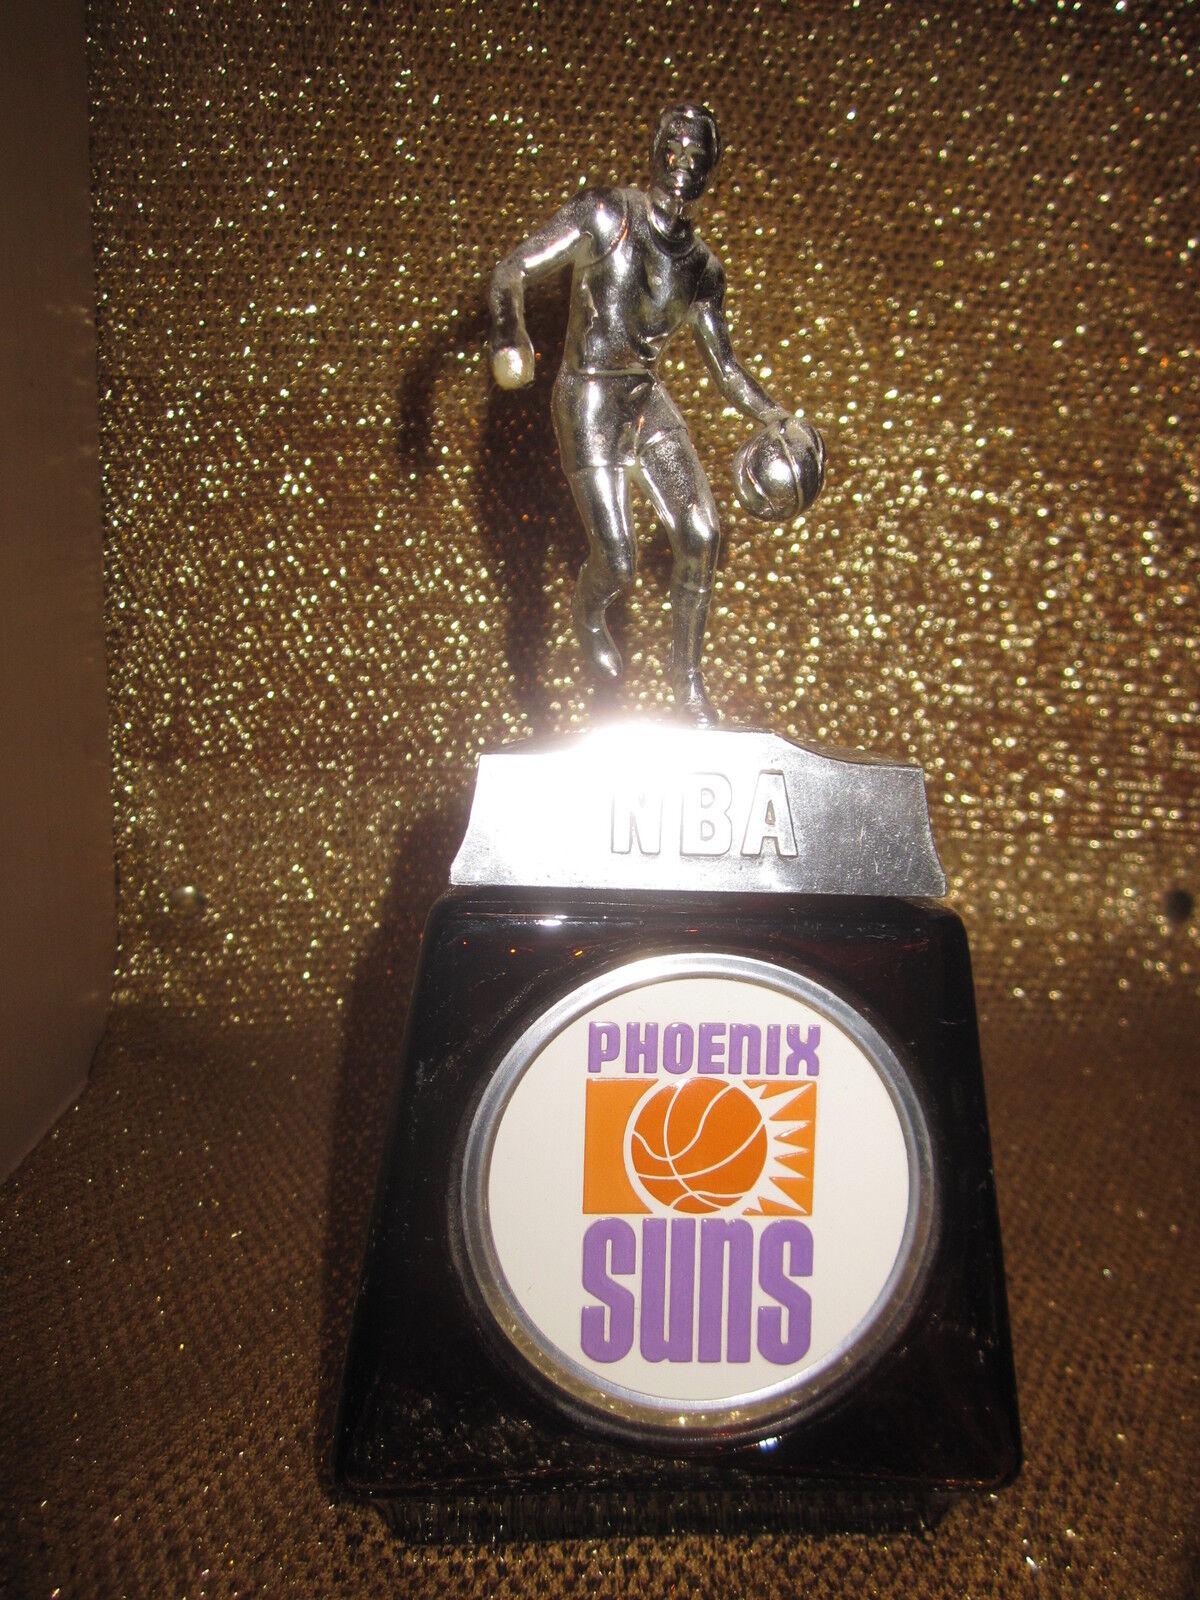 Vintage Vintage Vintage Phoenix Suns NBA Finals Avon Cologne Karaffe 3a5c23